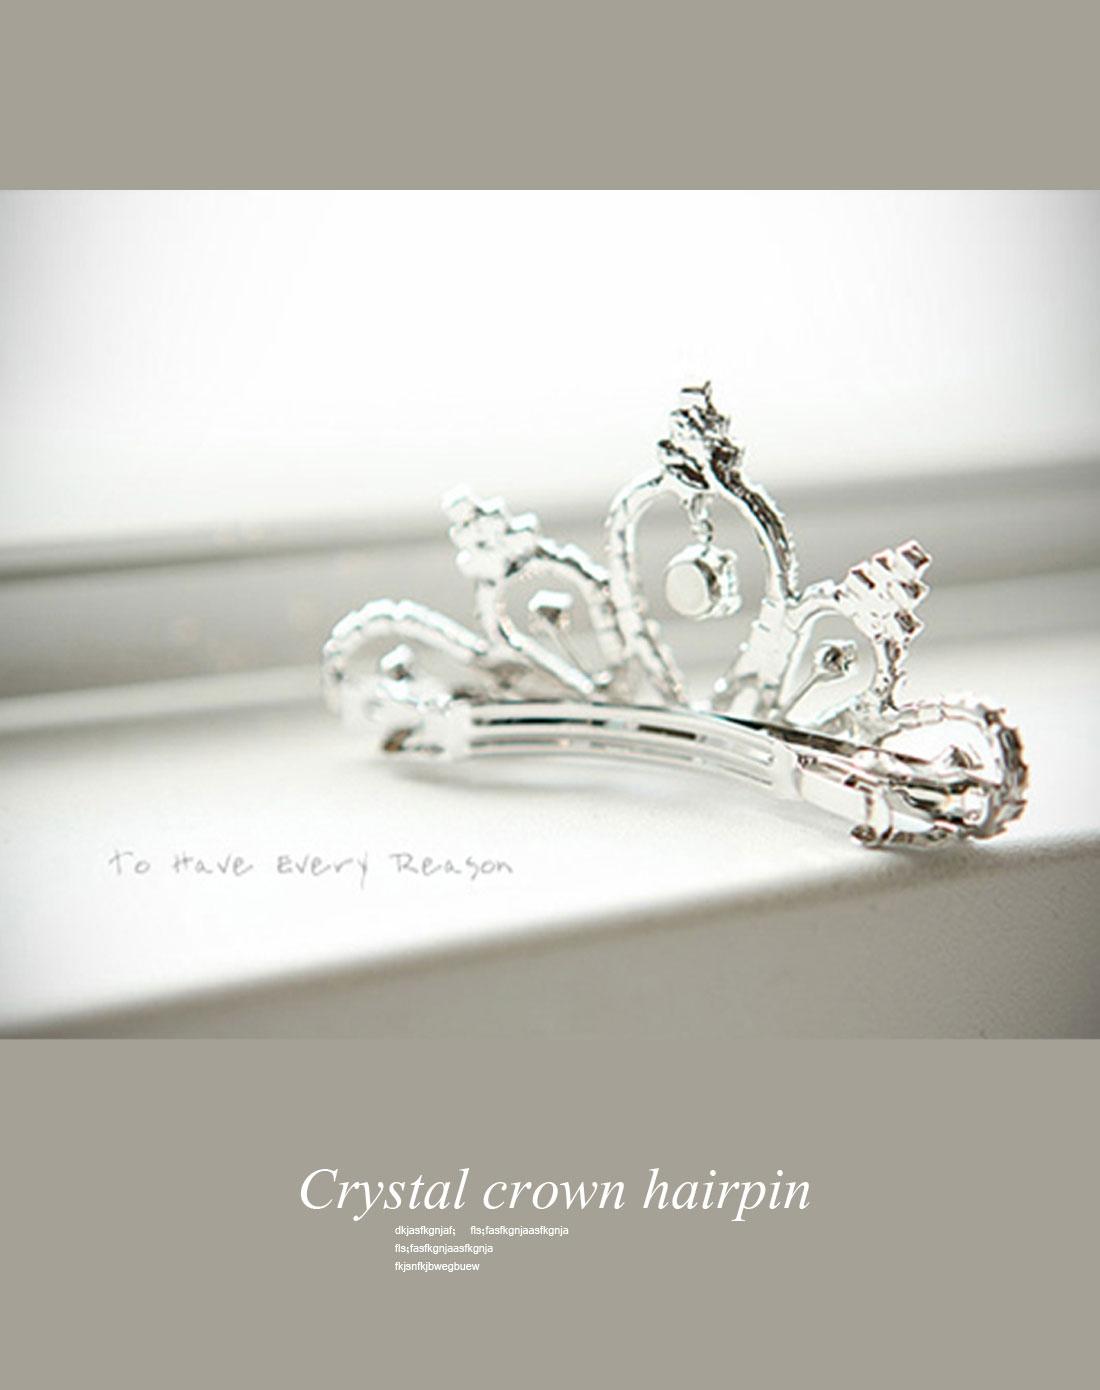 公主皇冠发卡